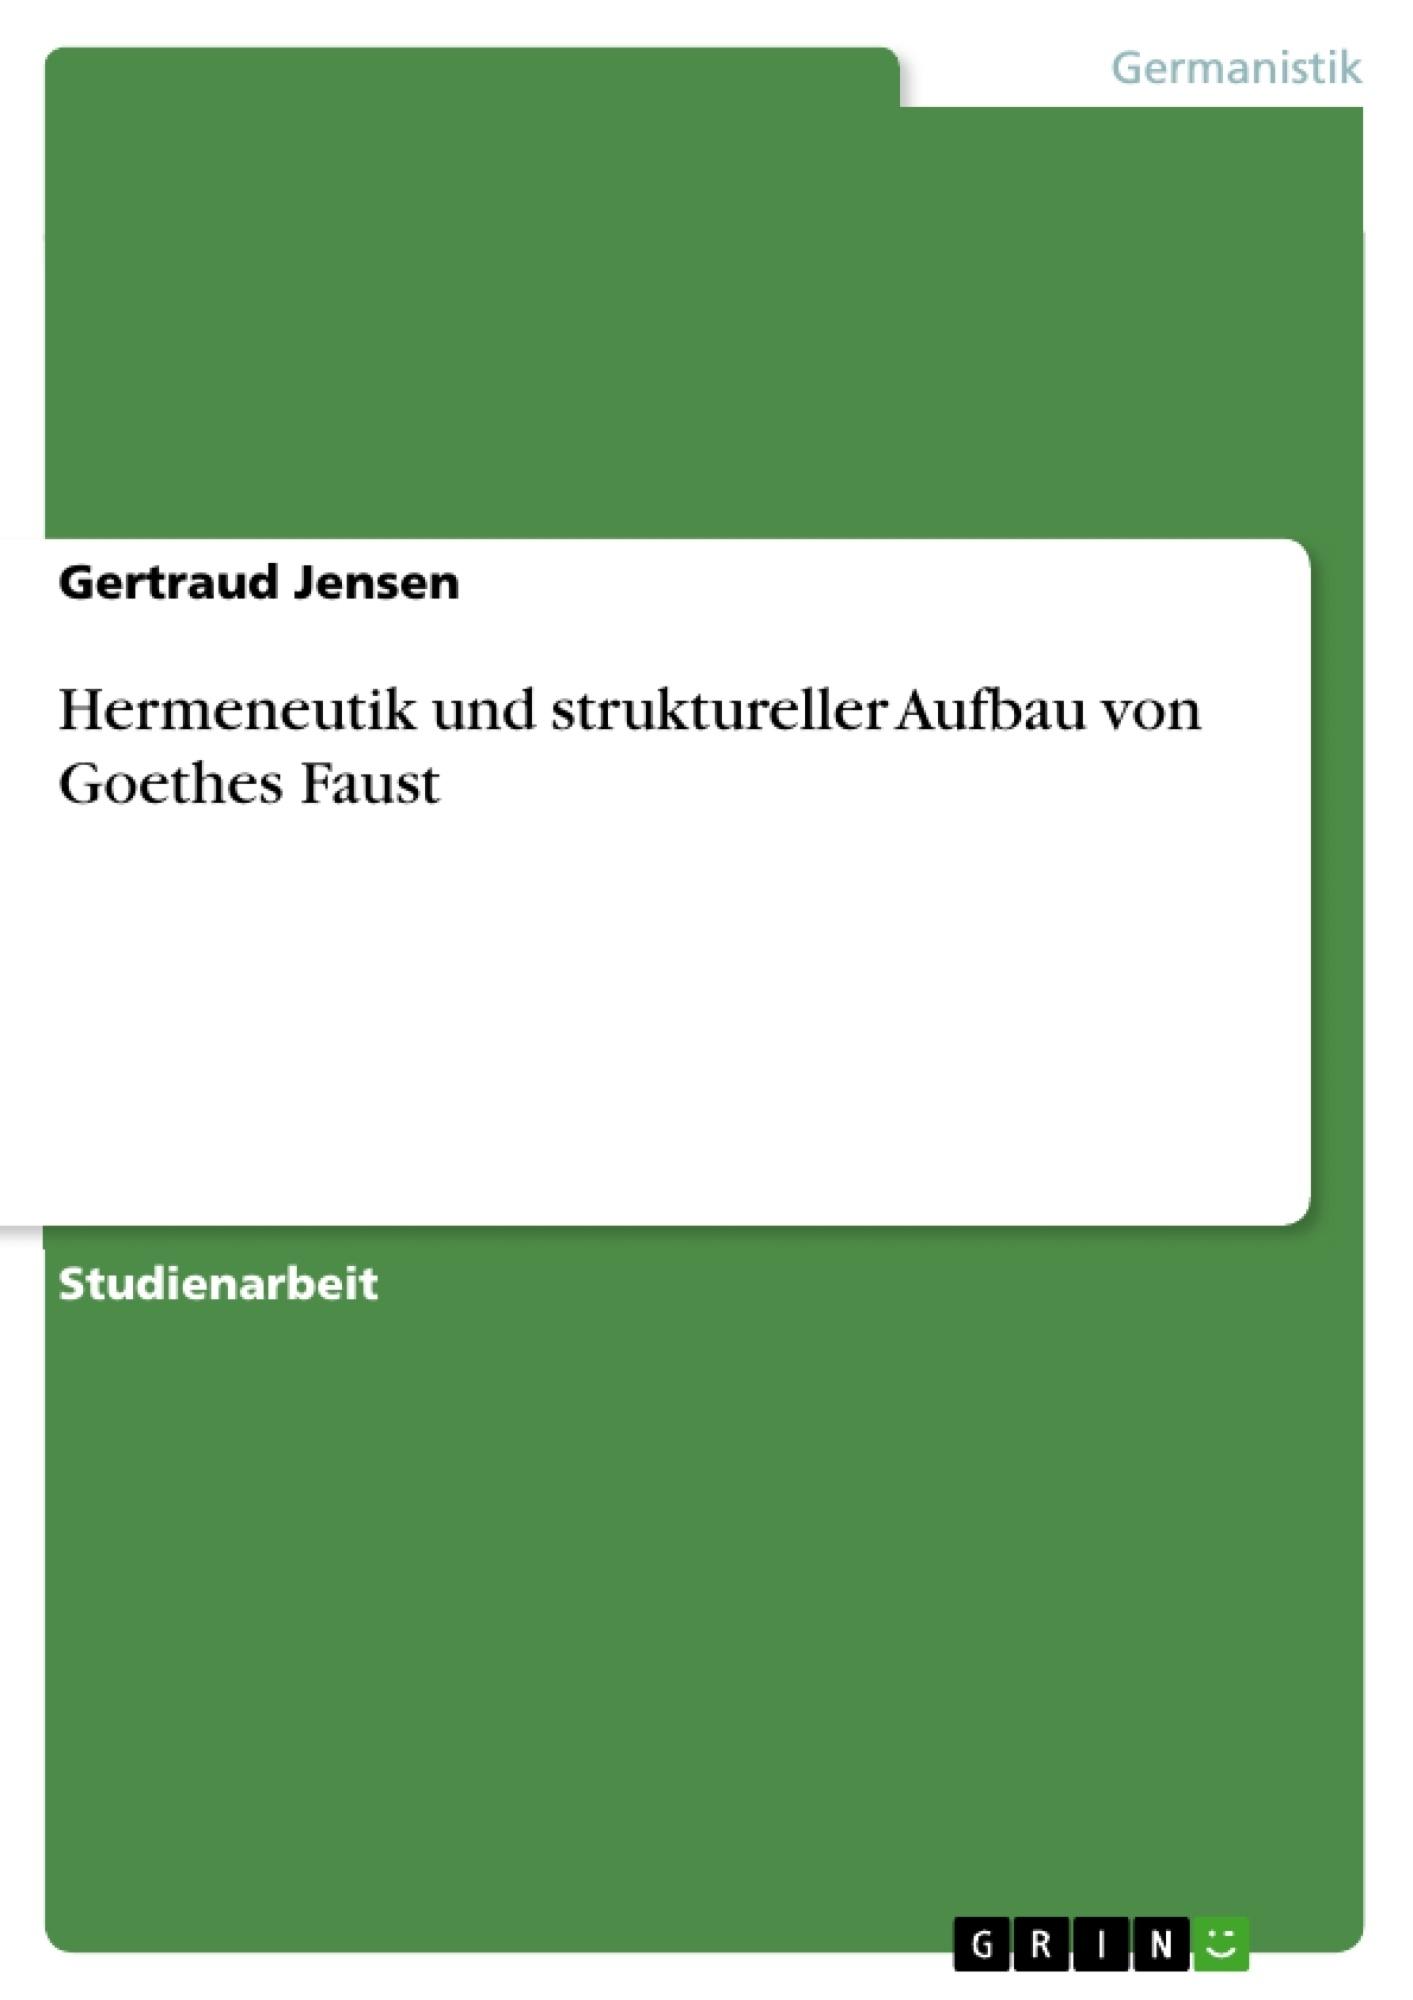 Titel: Hermeneutik und struktureller Aufbau von Goethes Faust